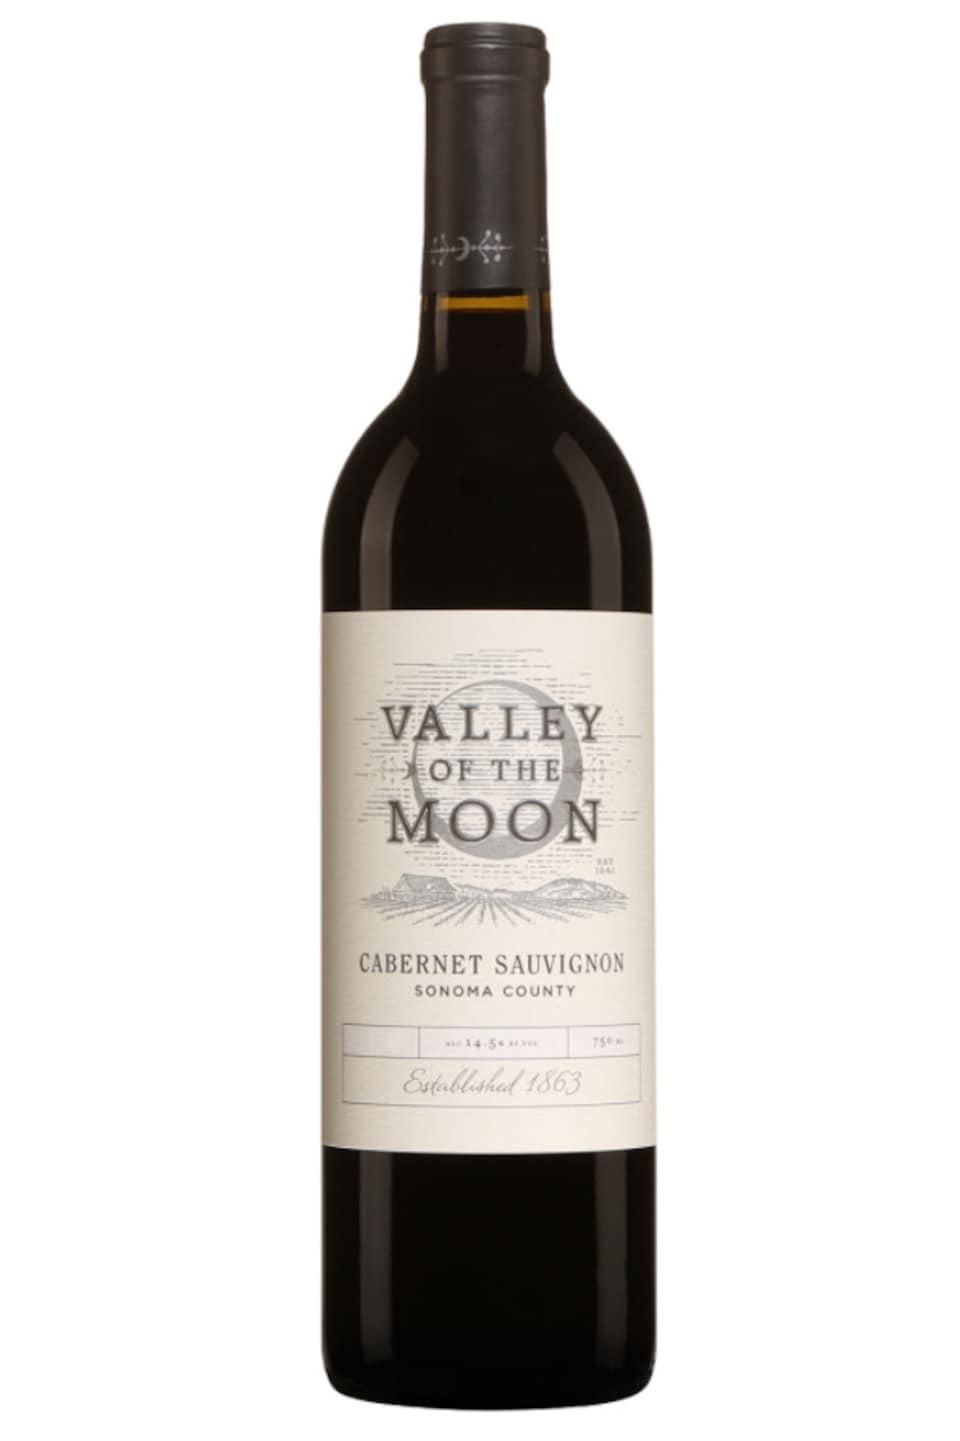 Bouteille de vin rouge.